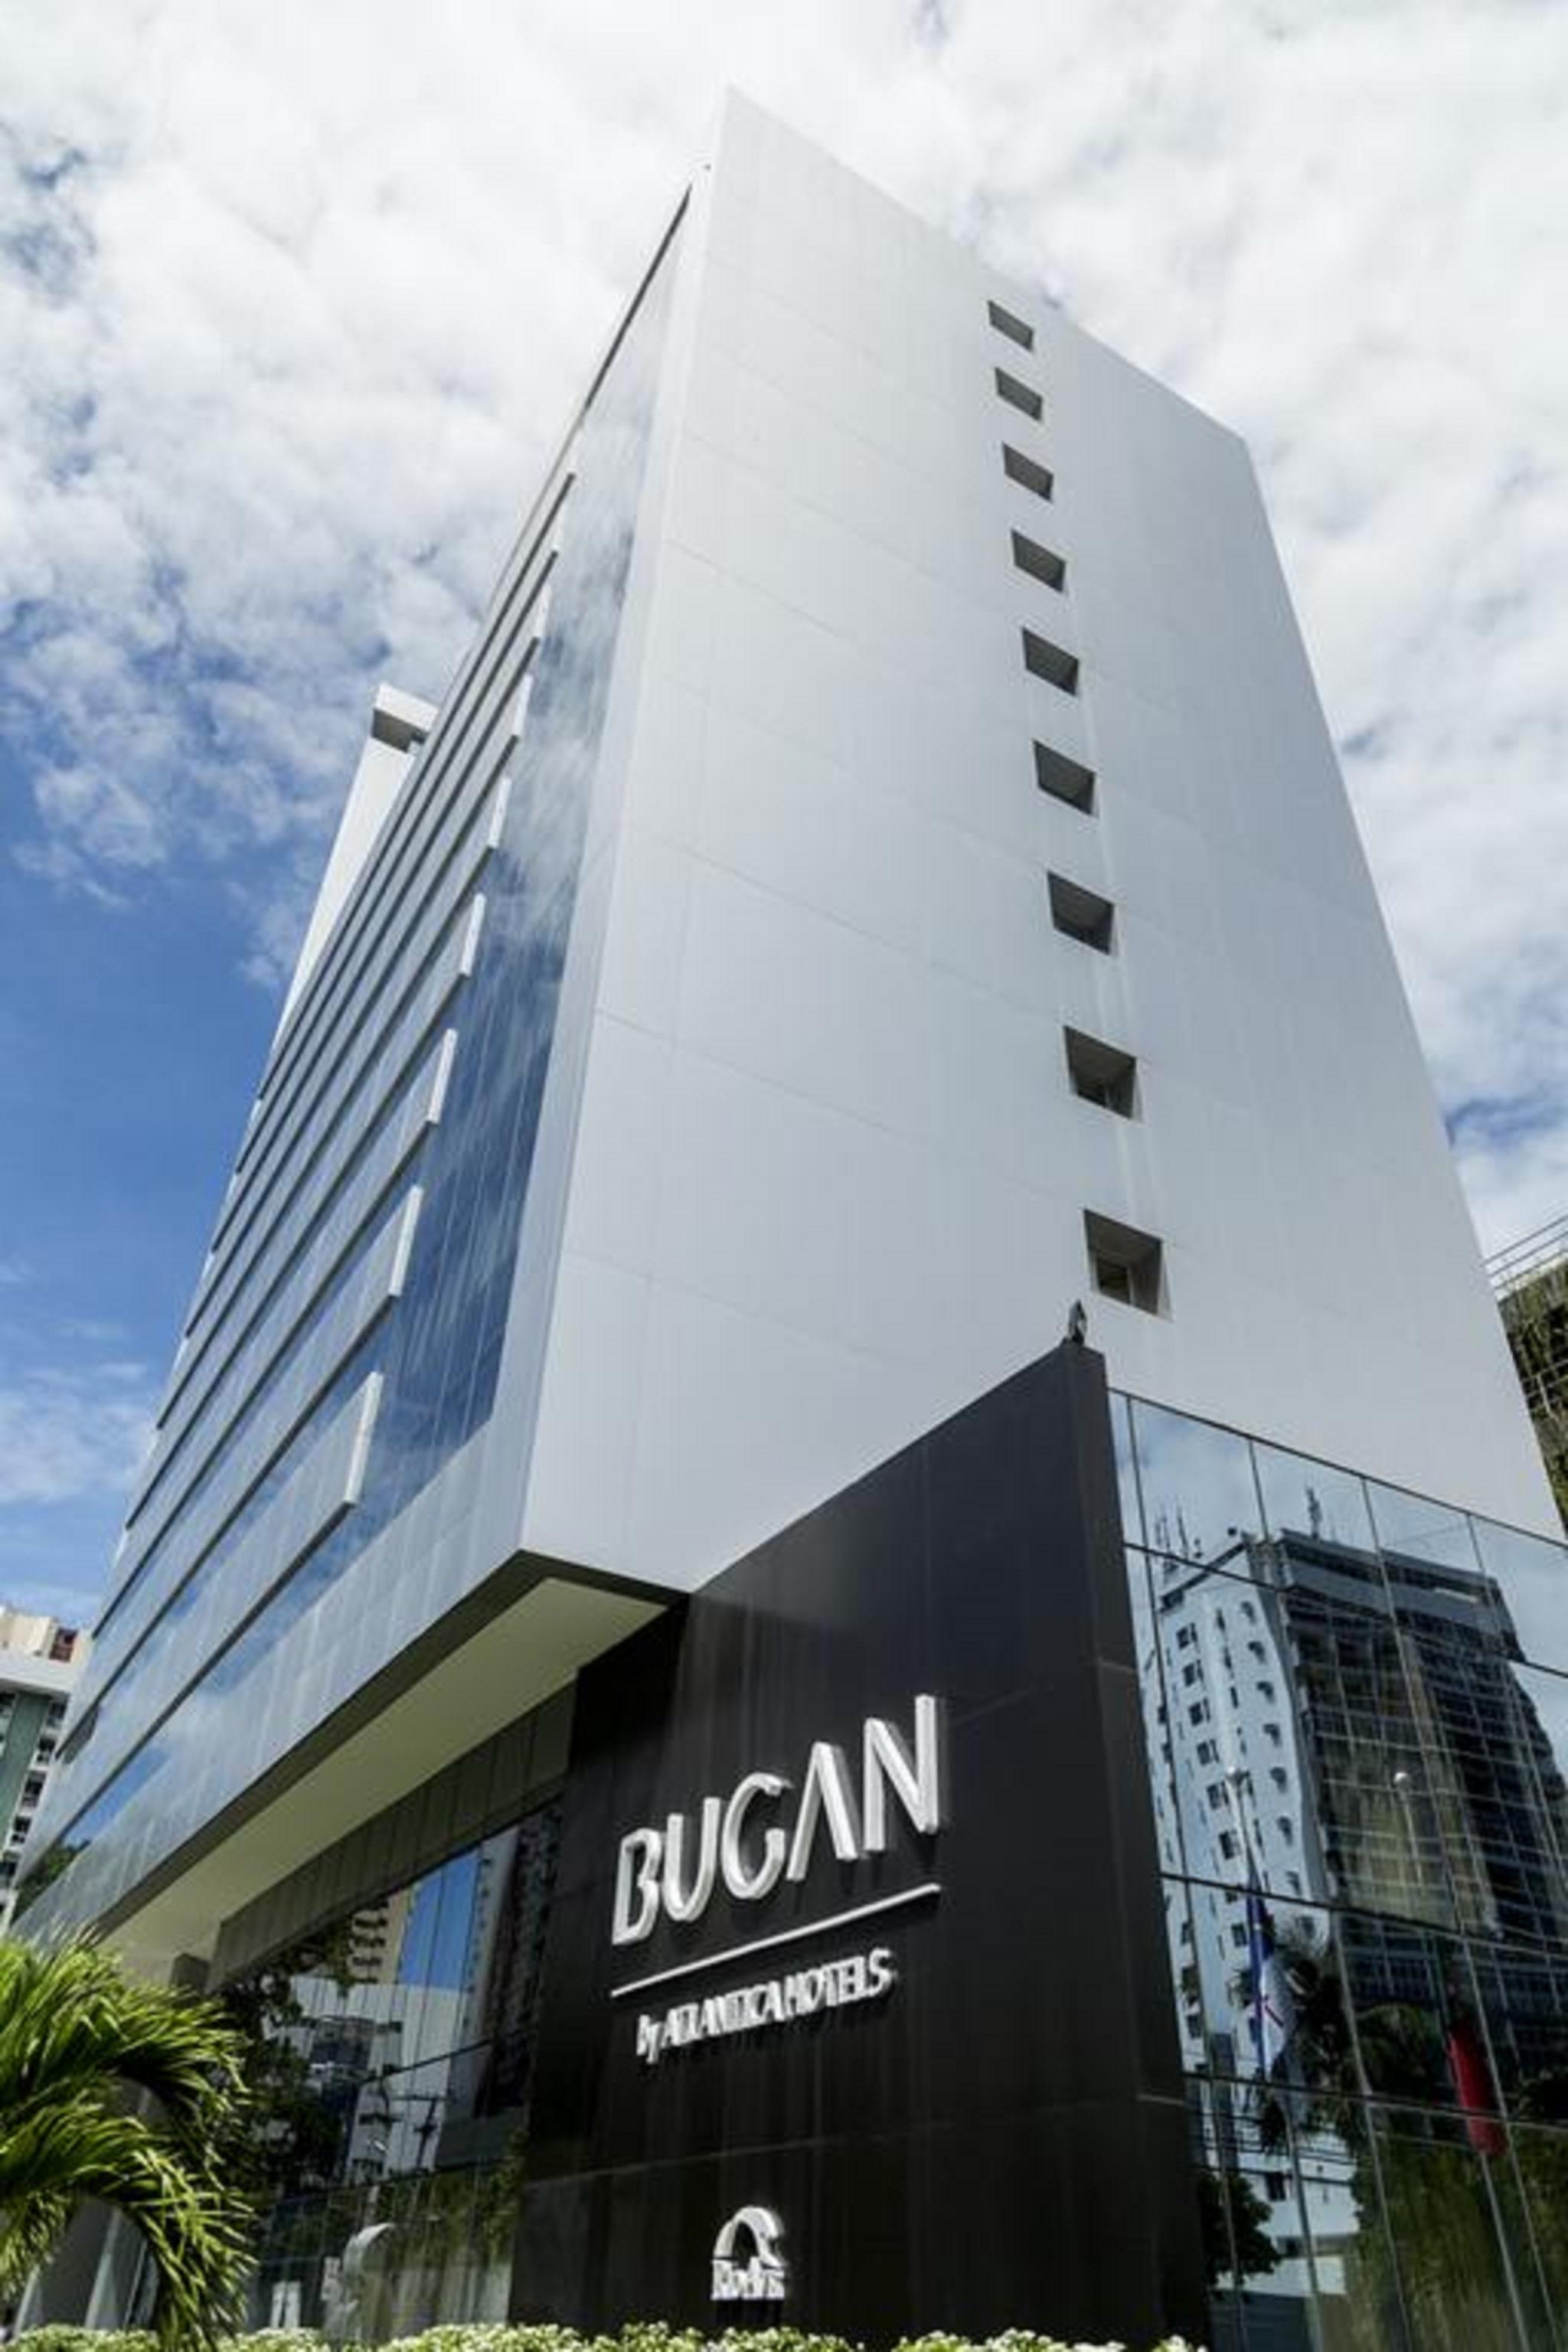 Bugan Hotel by Atlantica Recife, Recife